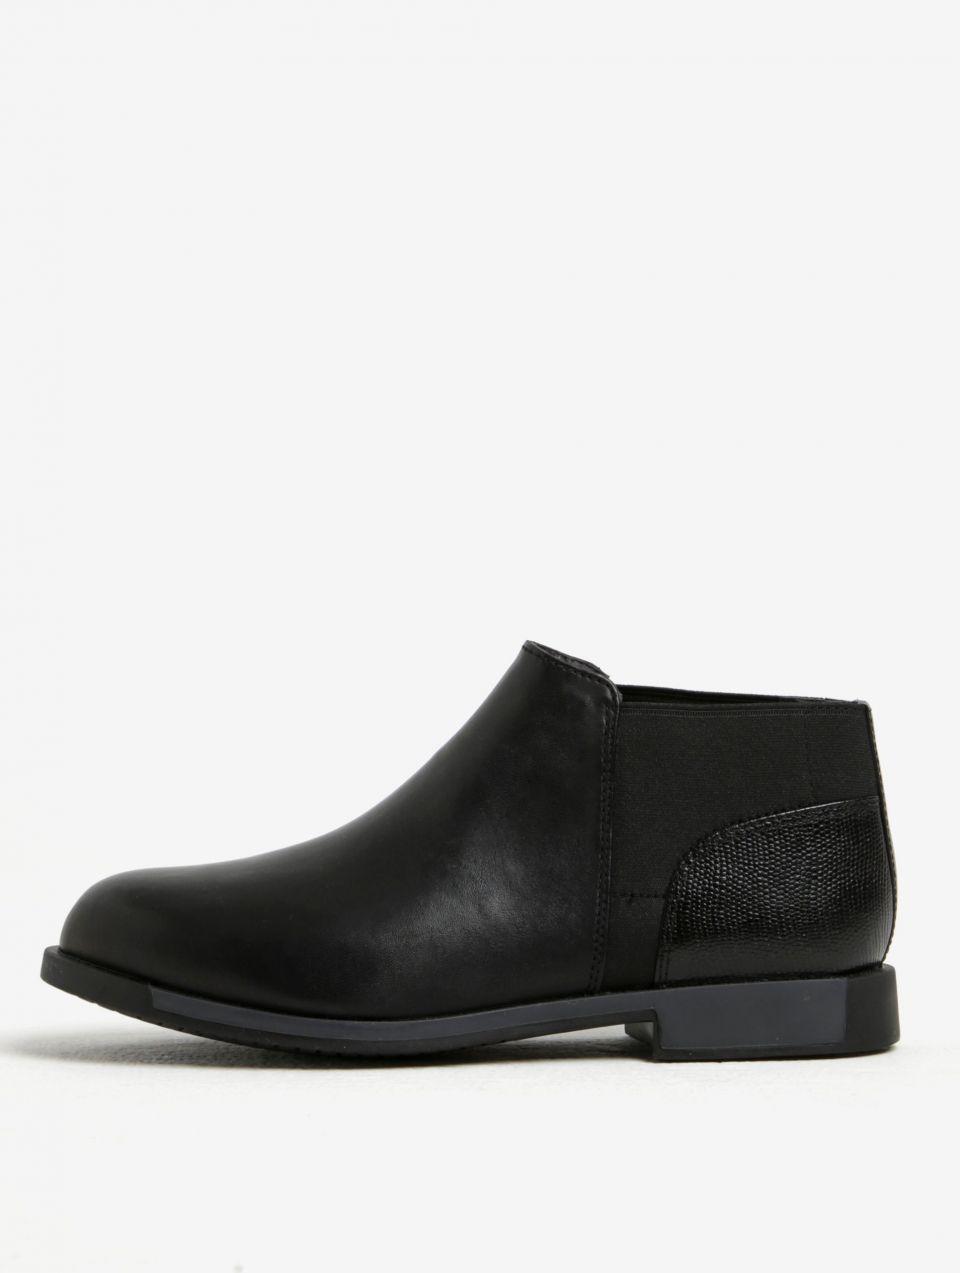 1ce3930ca679c Čierne dámske kožené nízke chelsea topánky Camper značky Camper - Lovely.sk